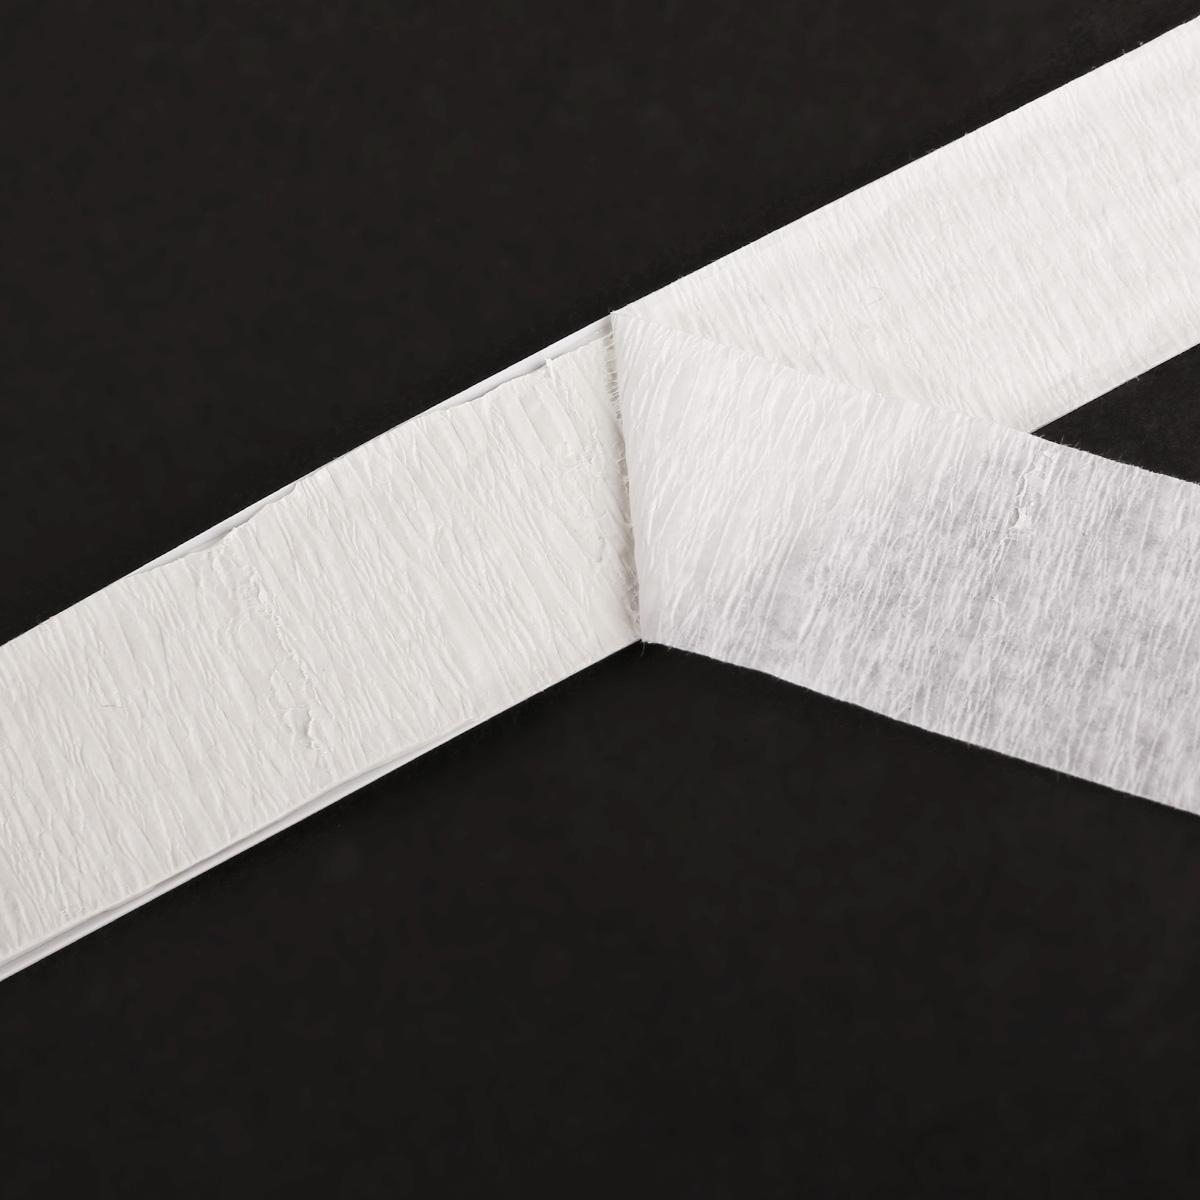 fugenband abdichtungsband abdichtband selbstklebend dichtband badewannen dusche ebay. Black Bedroom Furniture Sets. Home Design Ideas